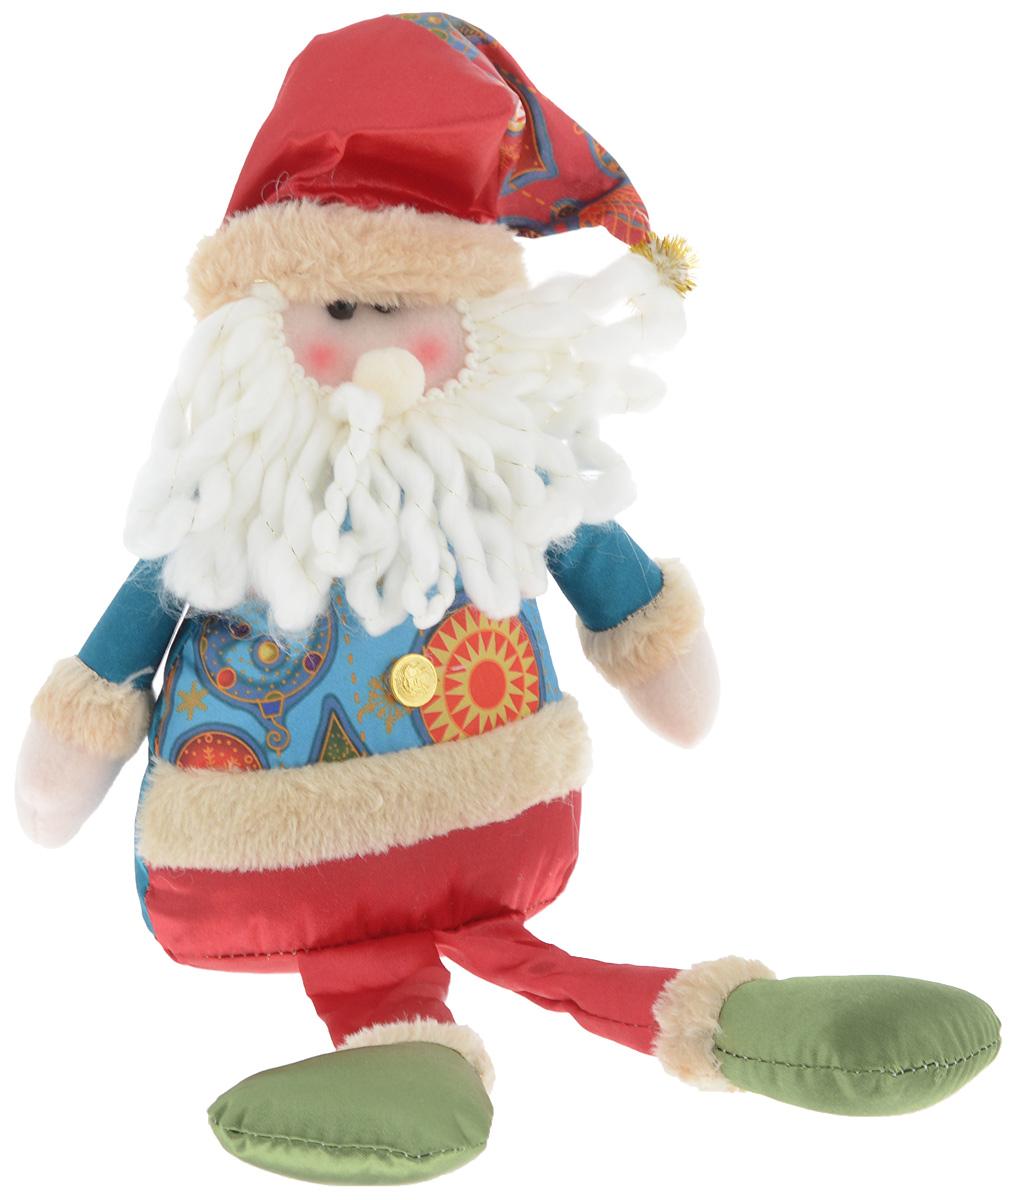 Украшение новогоднее декоративное Win Max Дед Мороз, 17,5 х 7 х 36 см украшение новогоднее настенное win max дед мороз 31 х 56 см